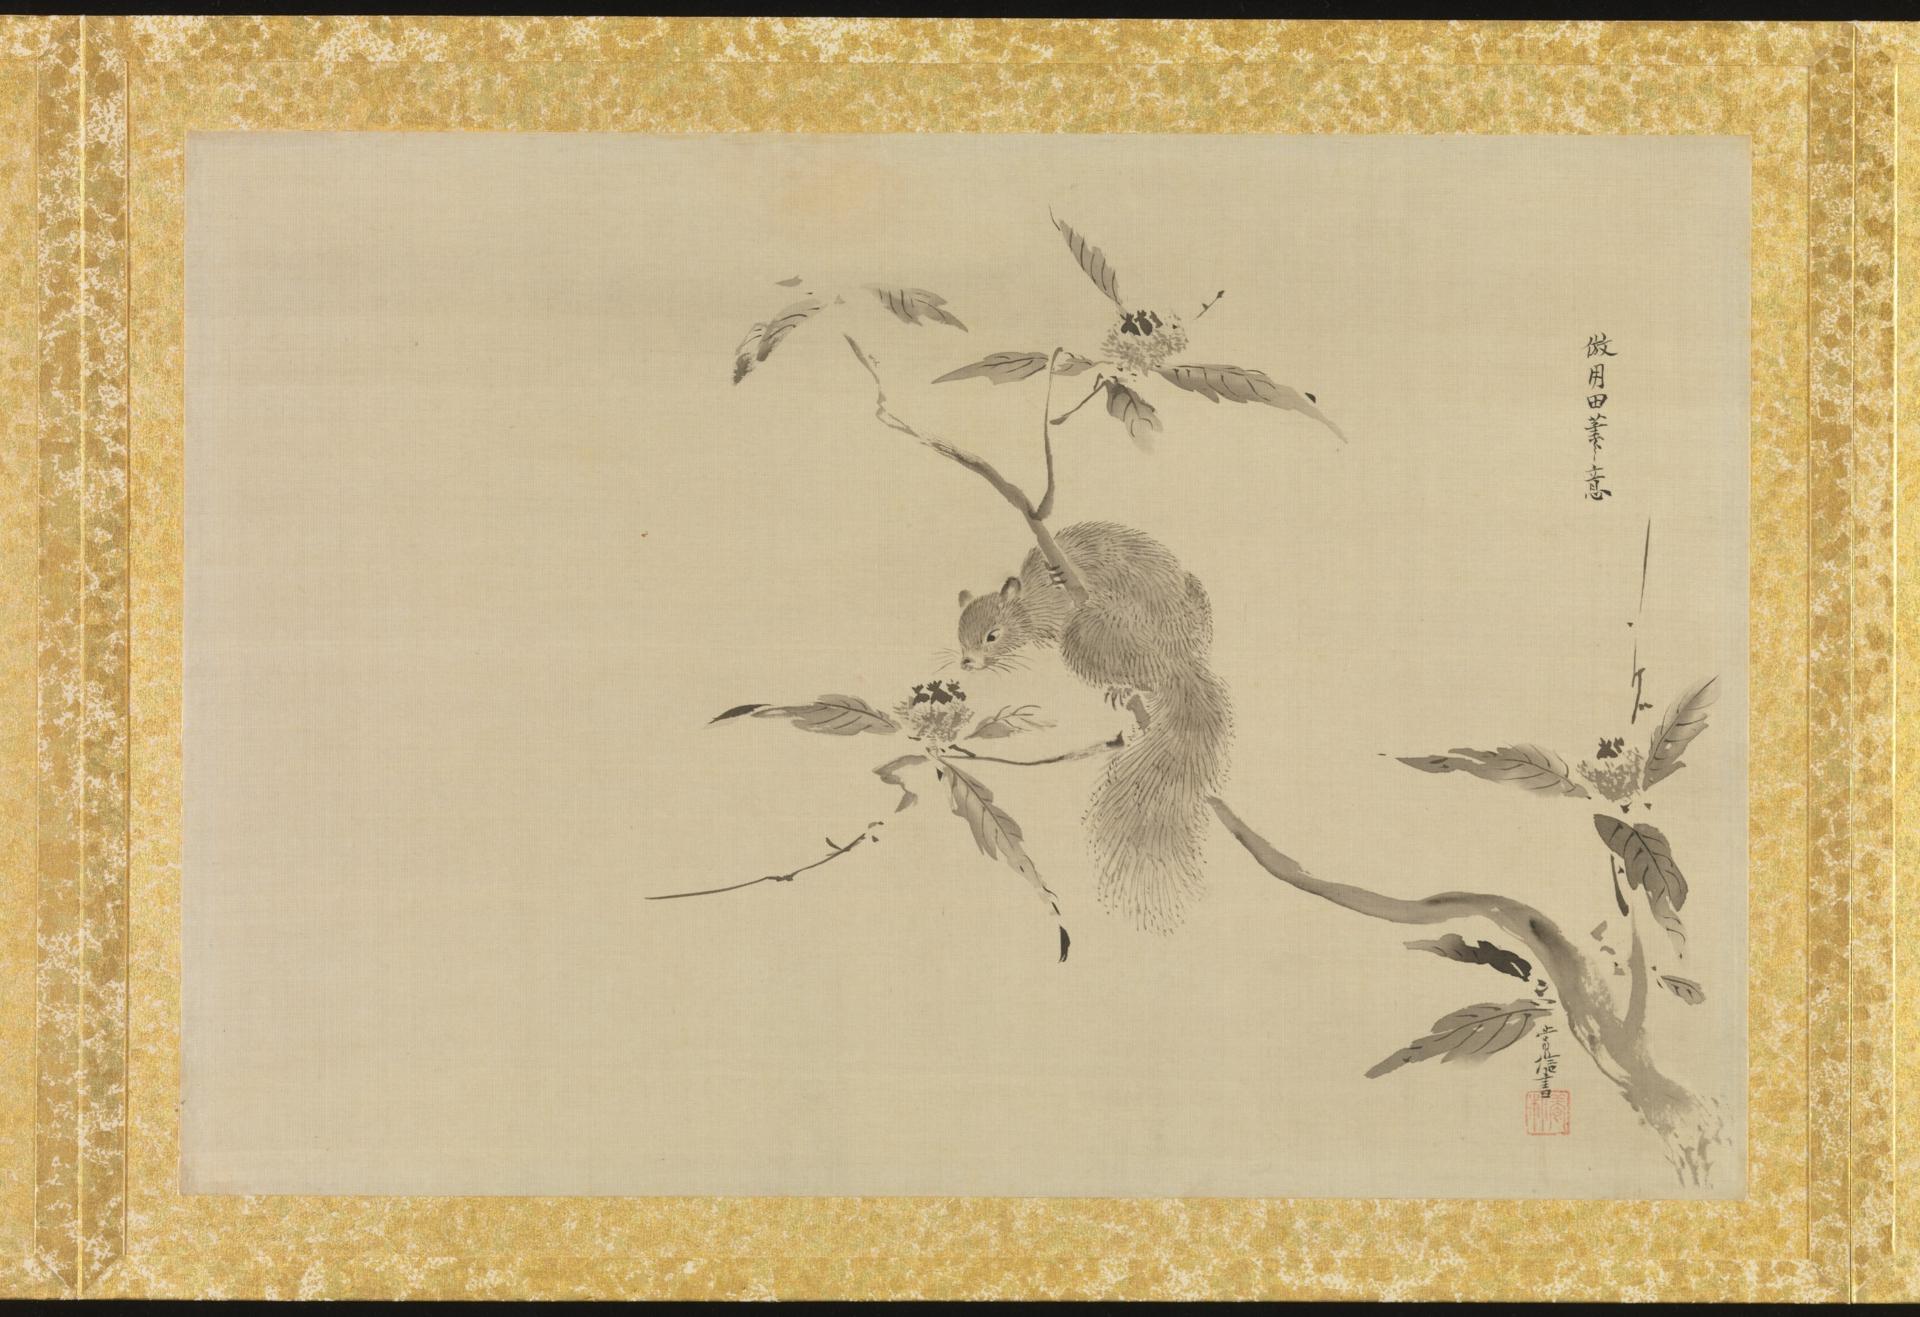 0021_日本画-常信画作-日本常信仿用田笔意46x67_8000x5488PX_TIF_300DPI_128_0